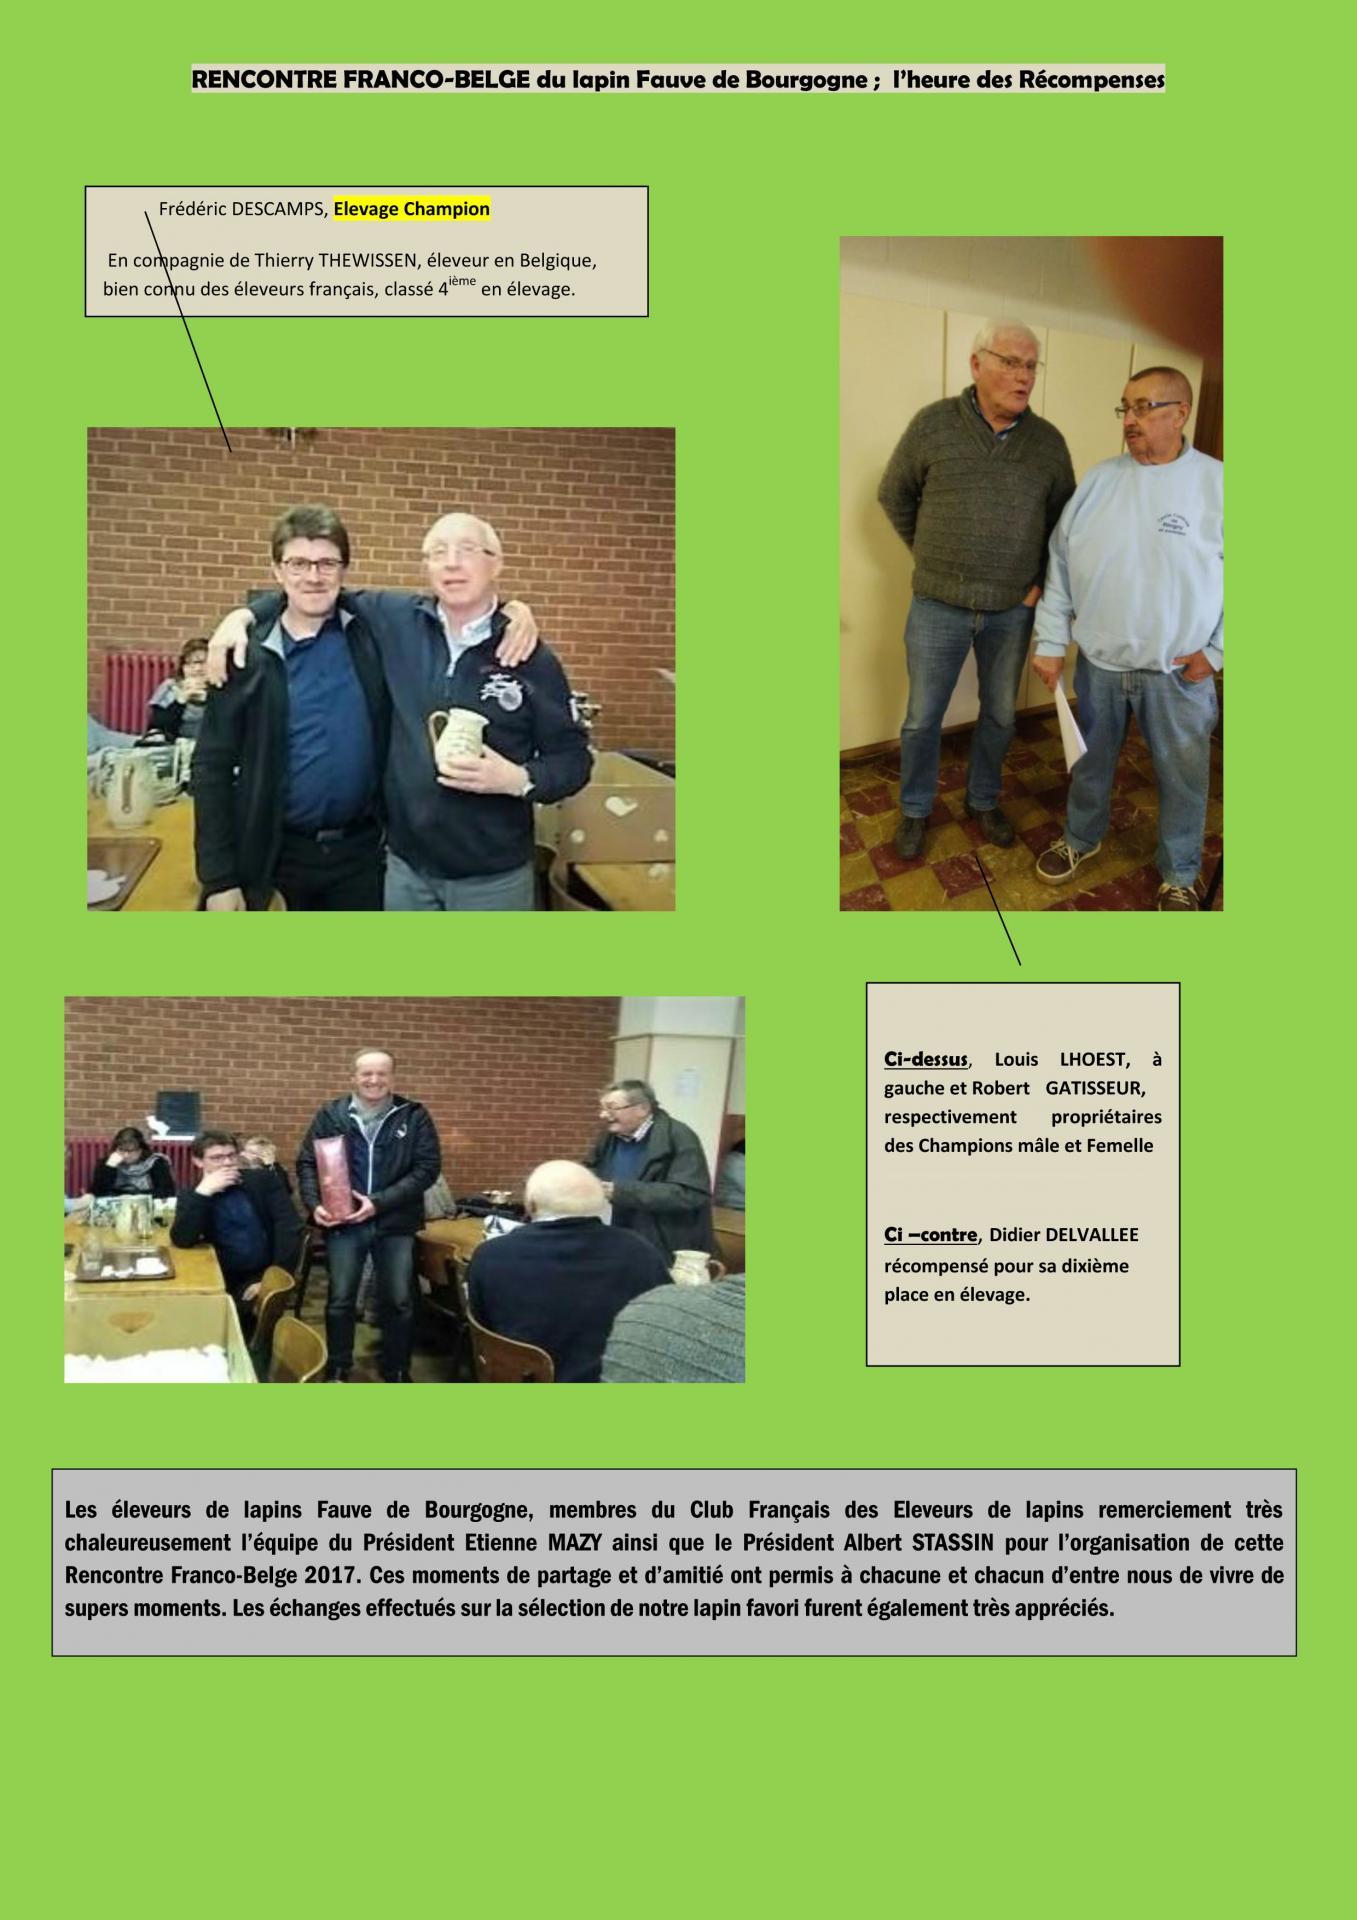 La rencontre franco belge en images 3